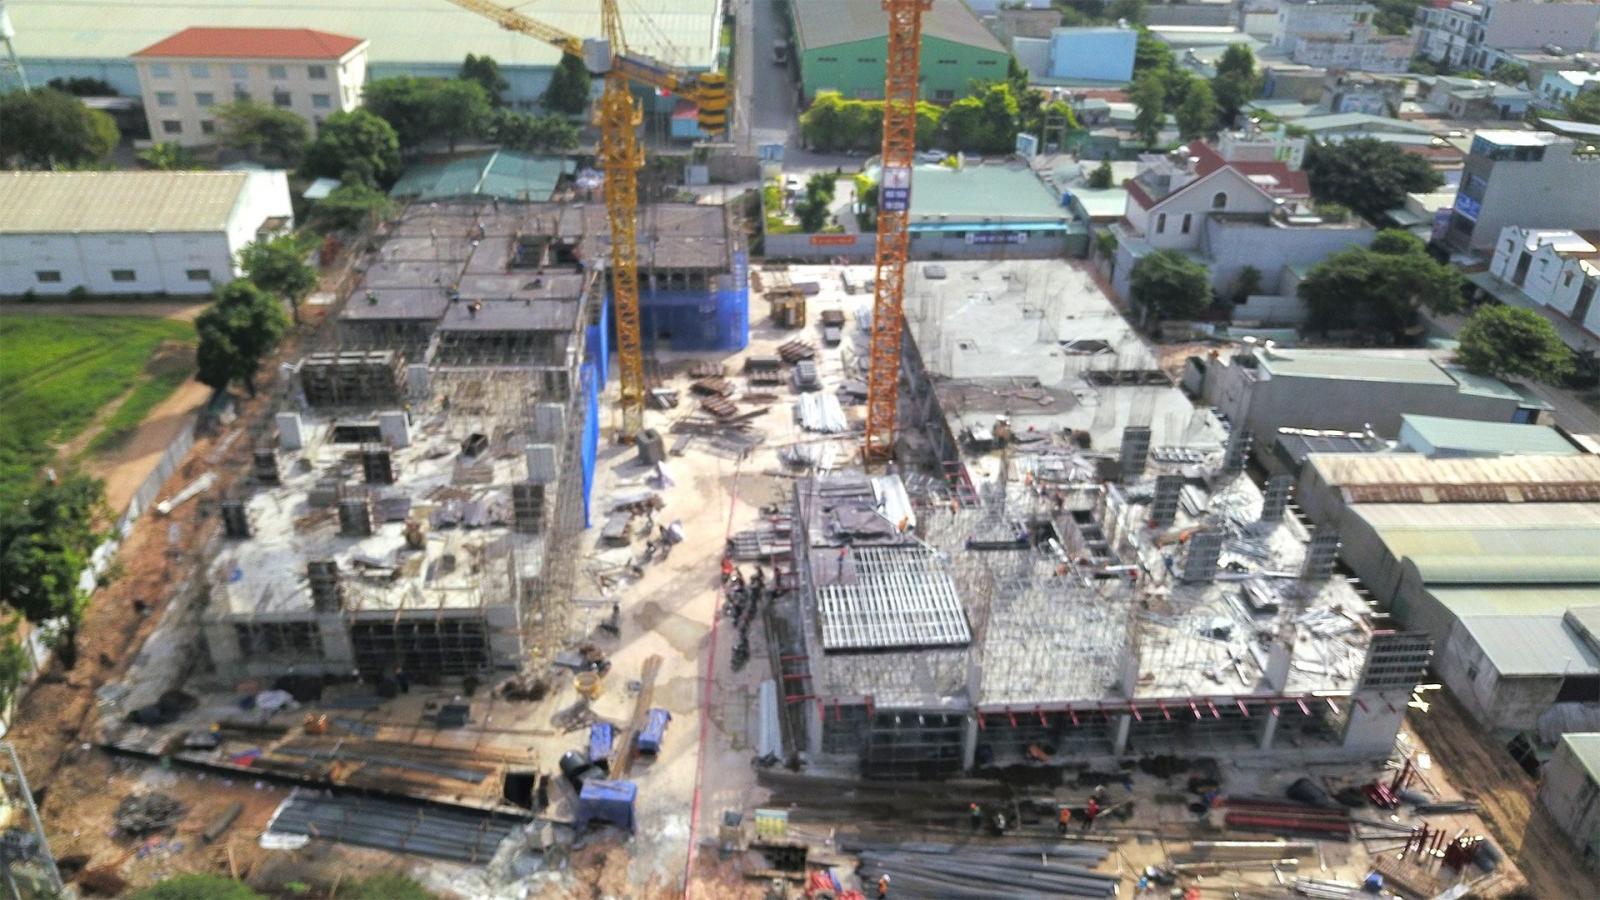 Tiến độ xây dựng tốt như Parkview Apartment sẽ tăng thêm uy tín của dự án, tăng thêm giá trị và lợi nhuận cho khách hàng